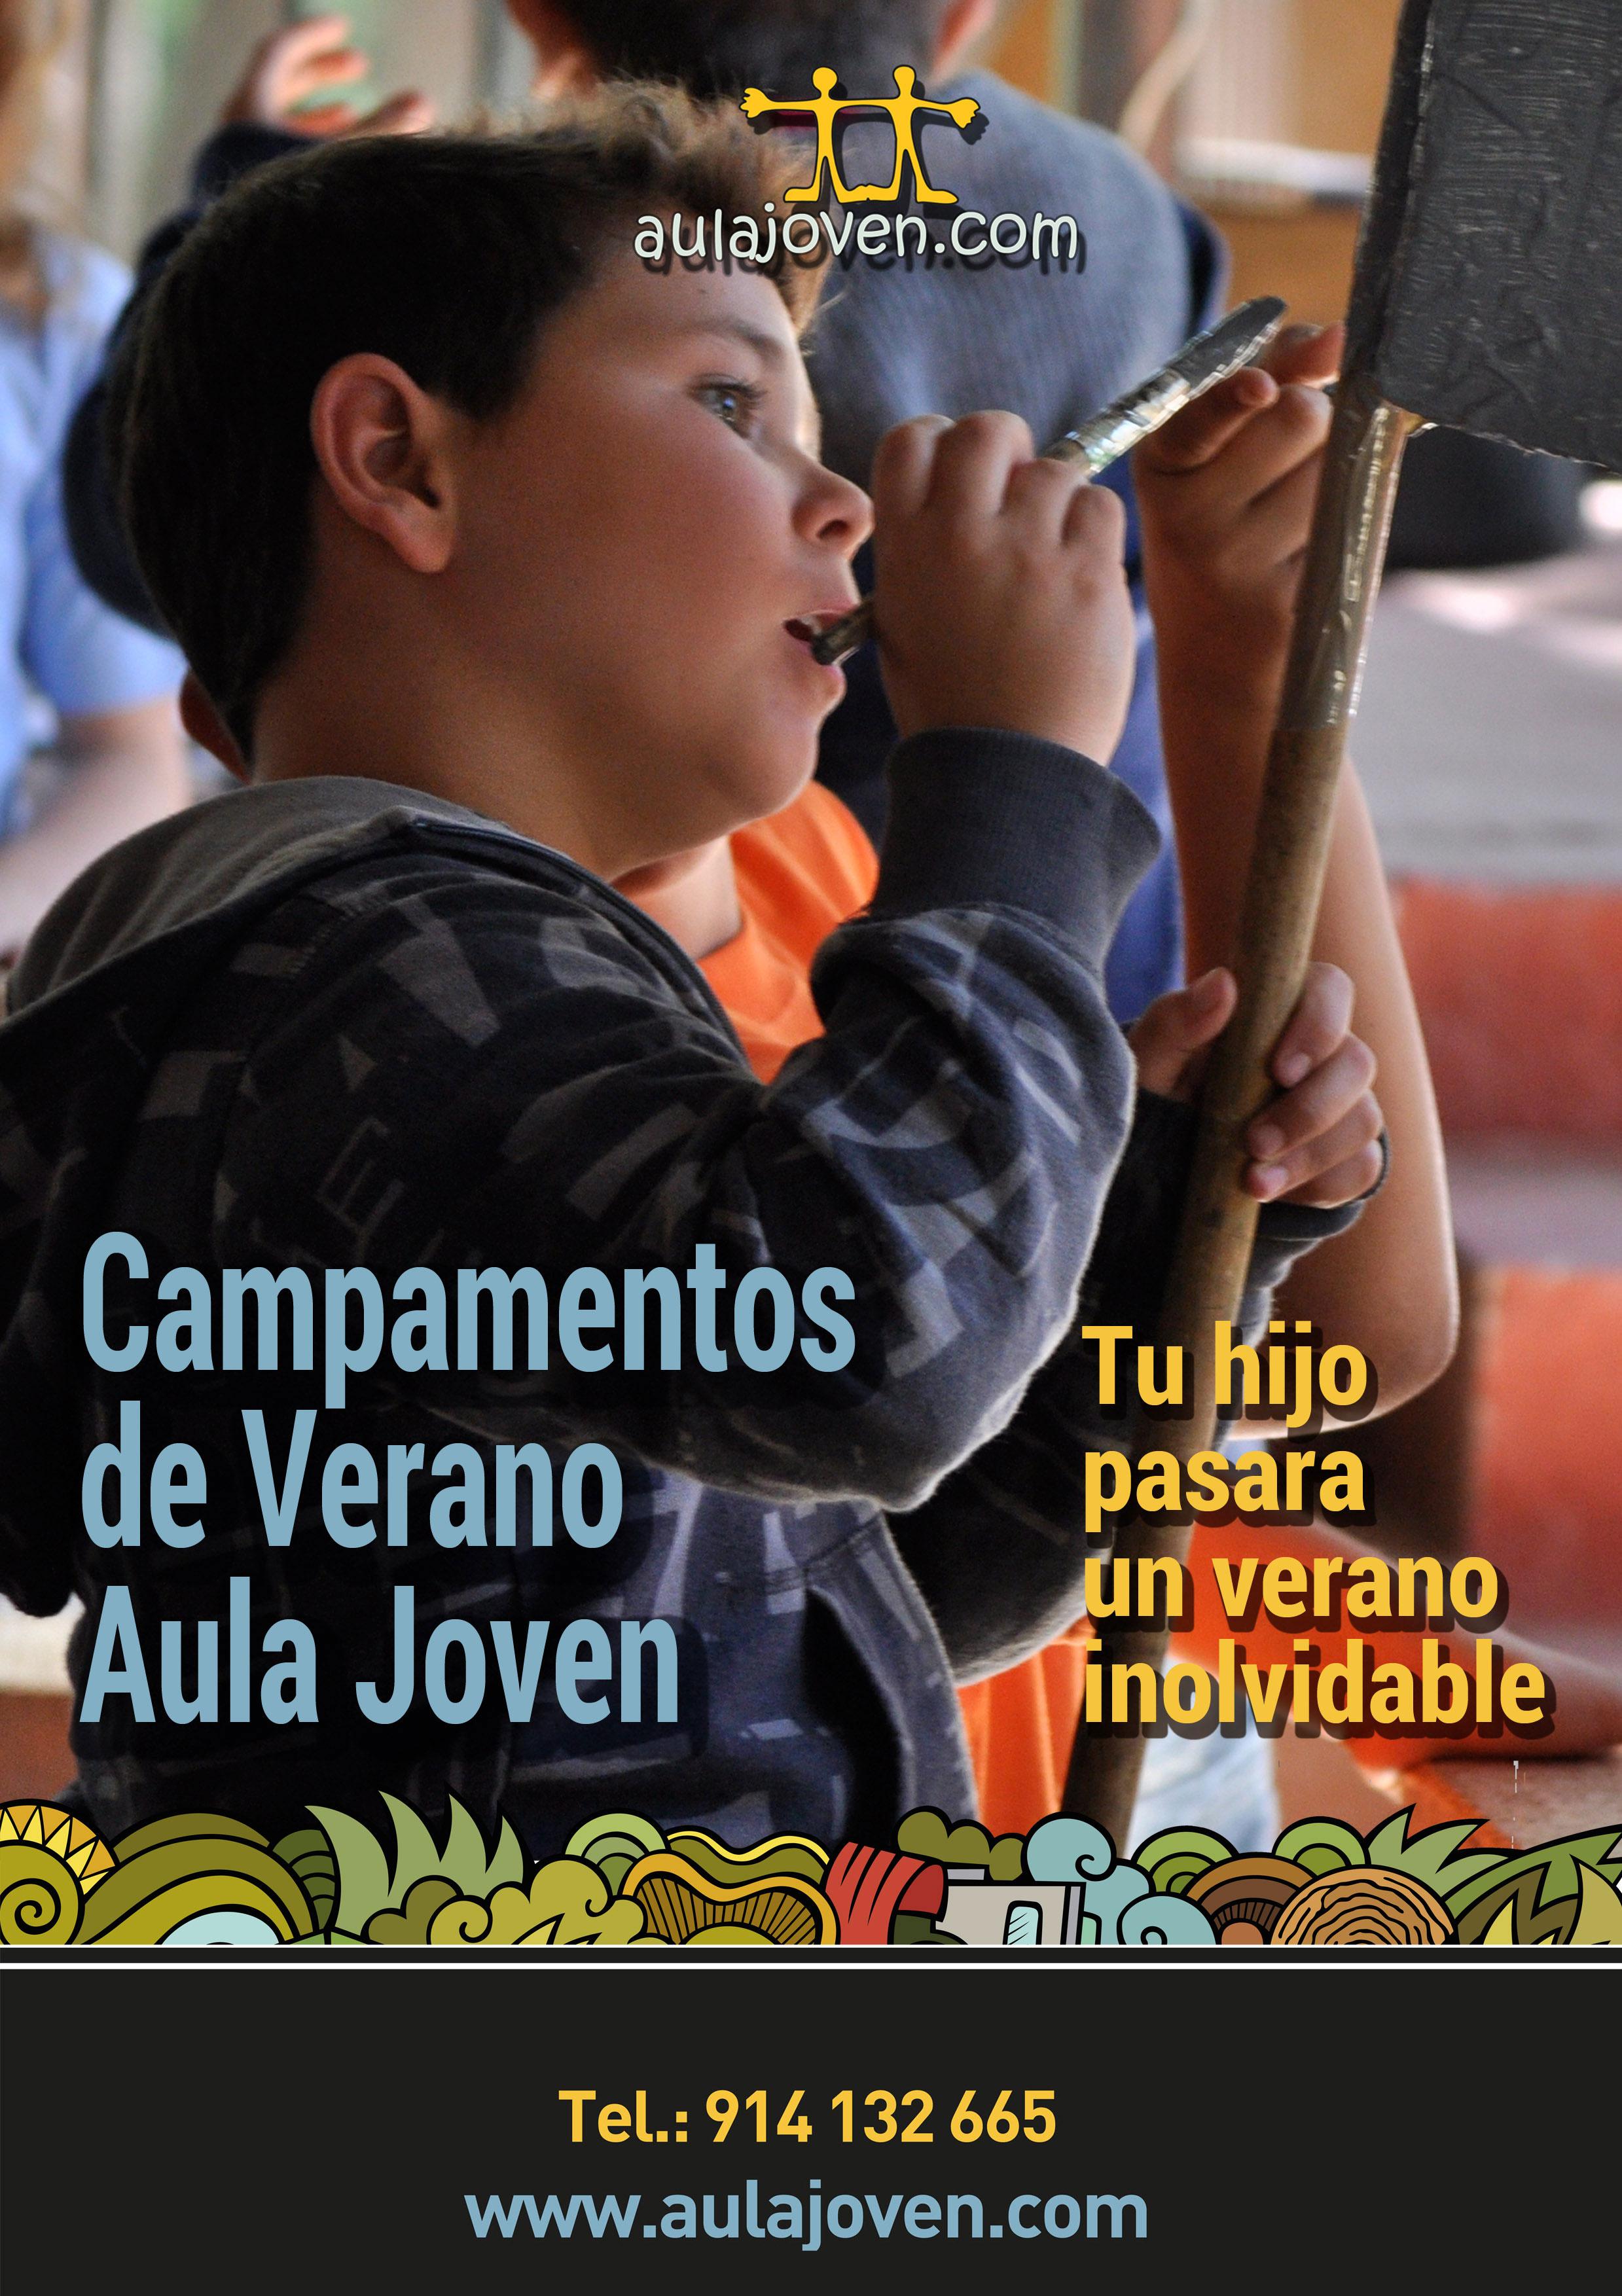 Revista ONLINE de campamentos de verano AULA JOVEN 2017